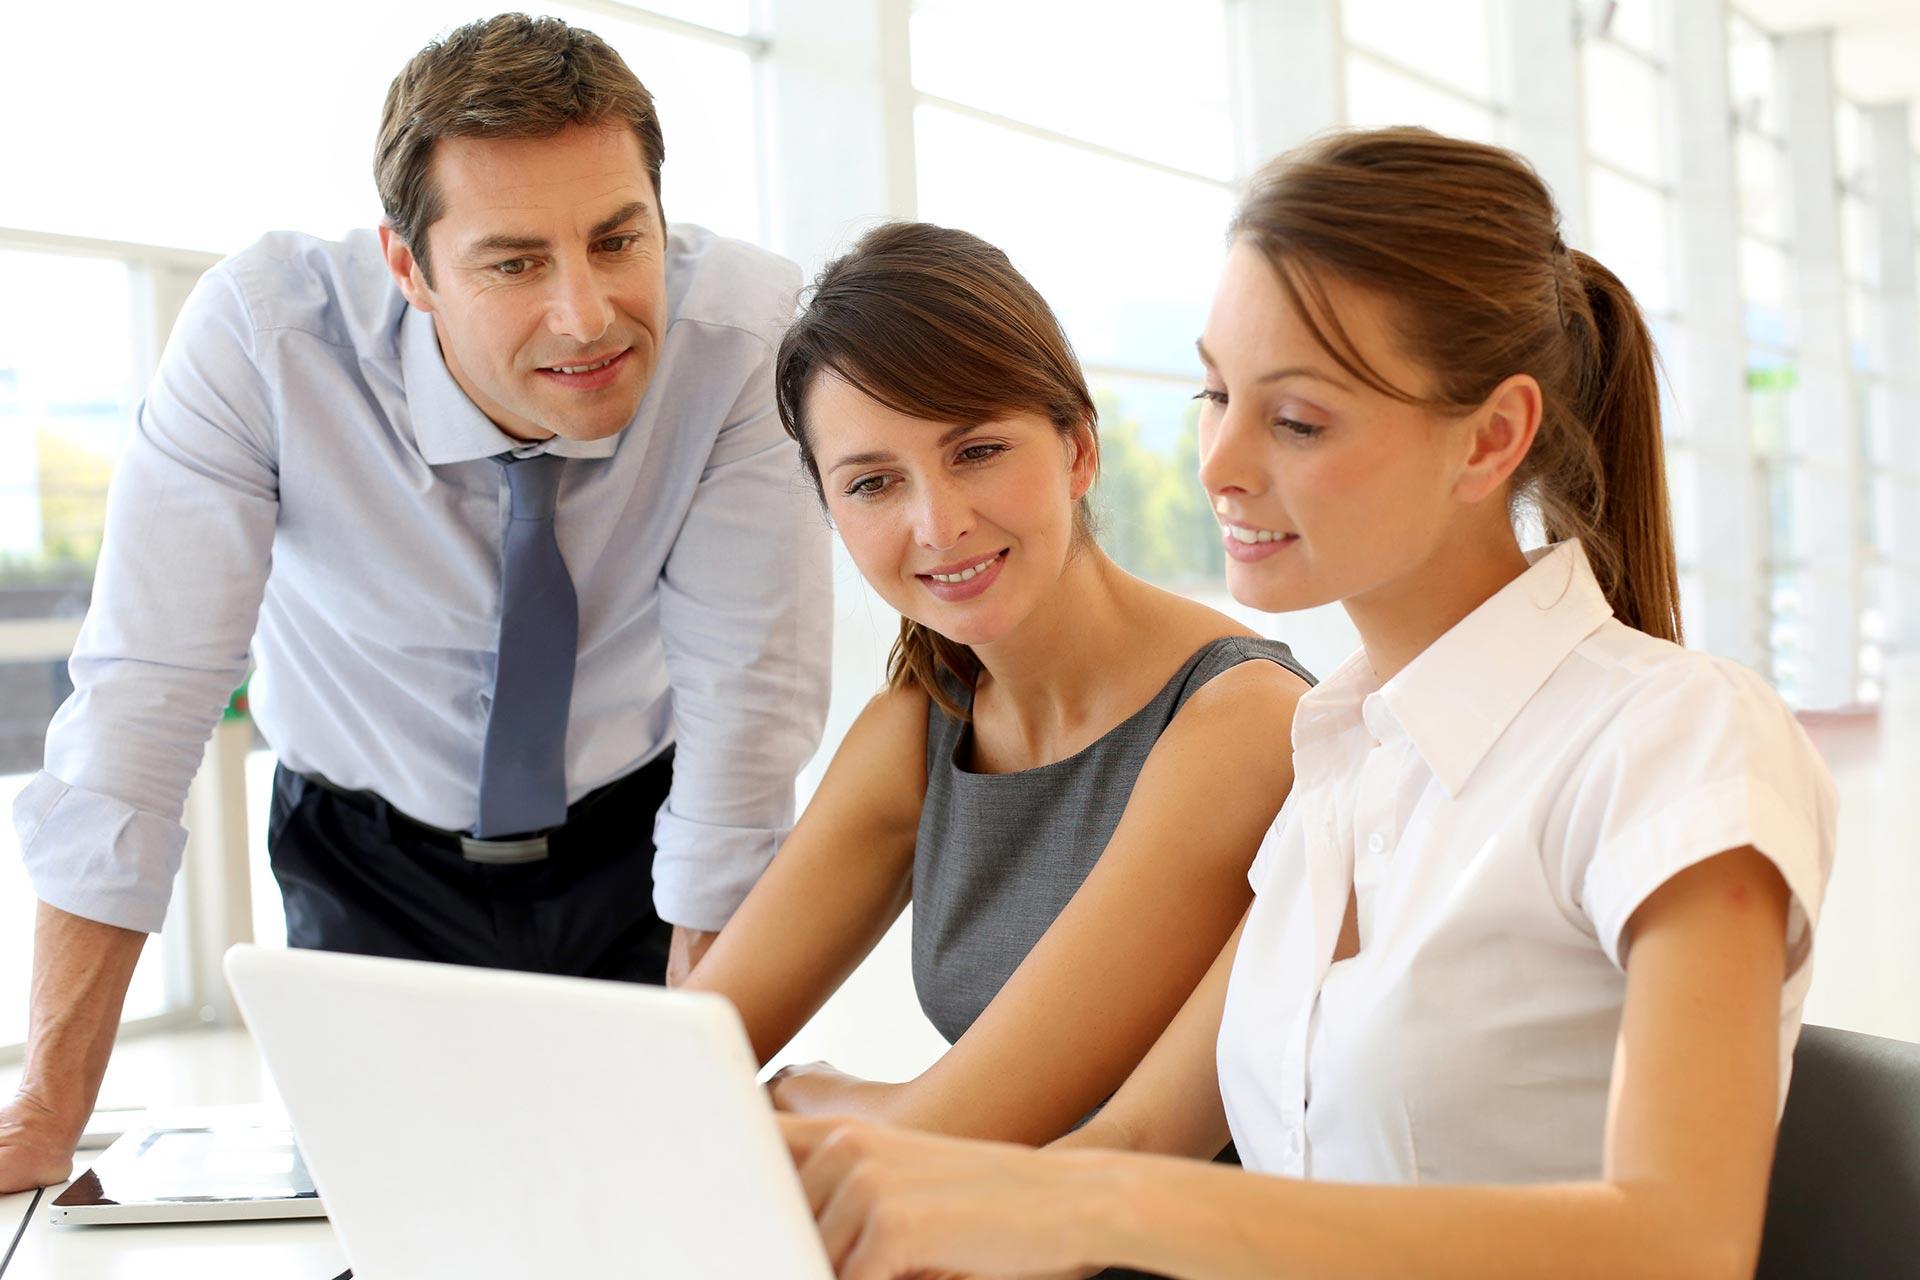 Бесплатный вебинар: Создание и развитие бизнеса как путь саморазвития